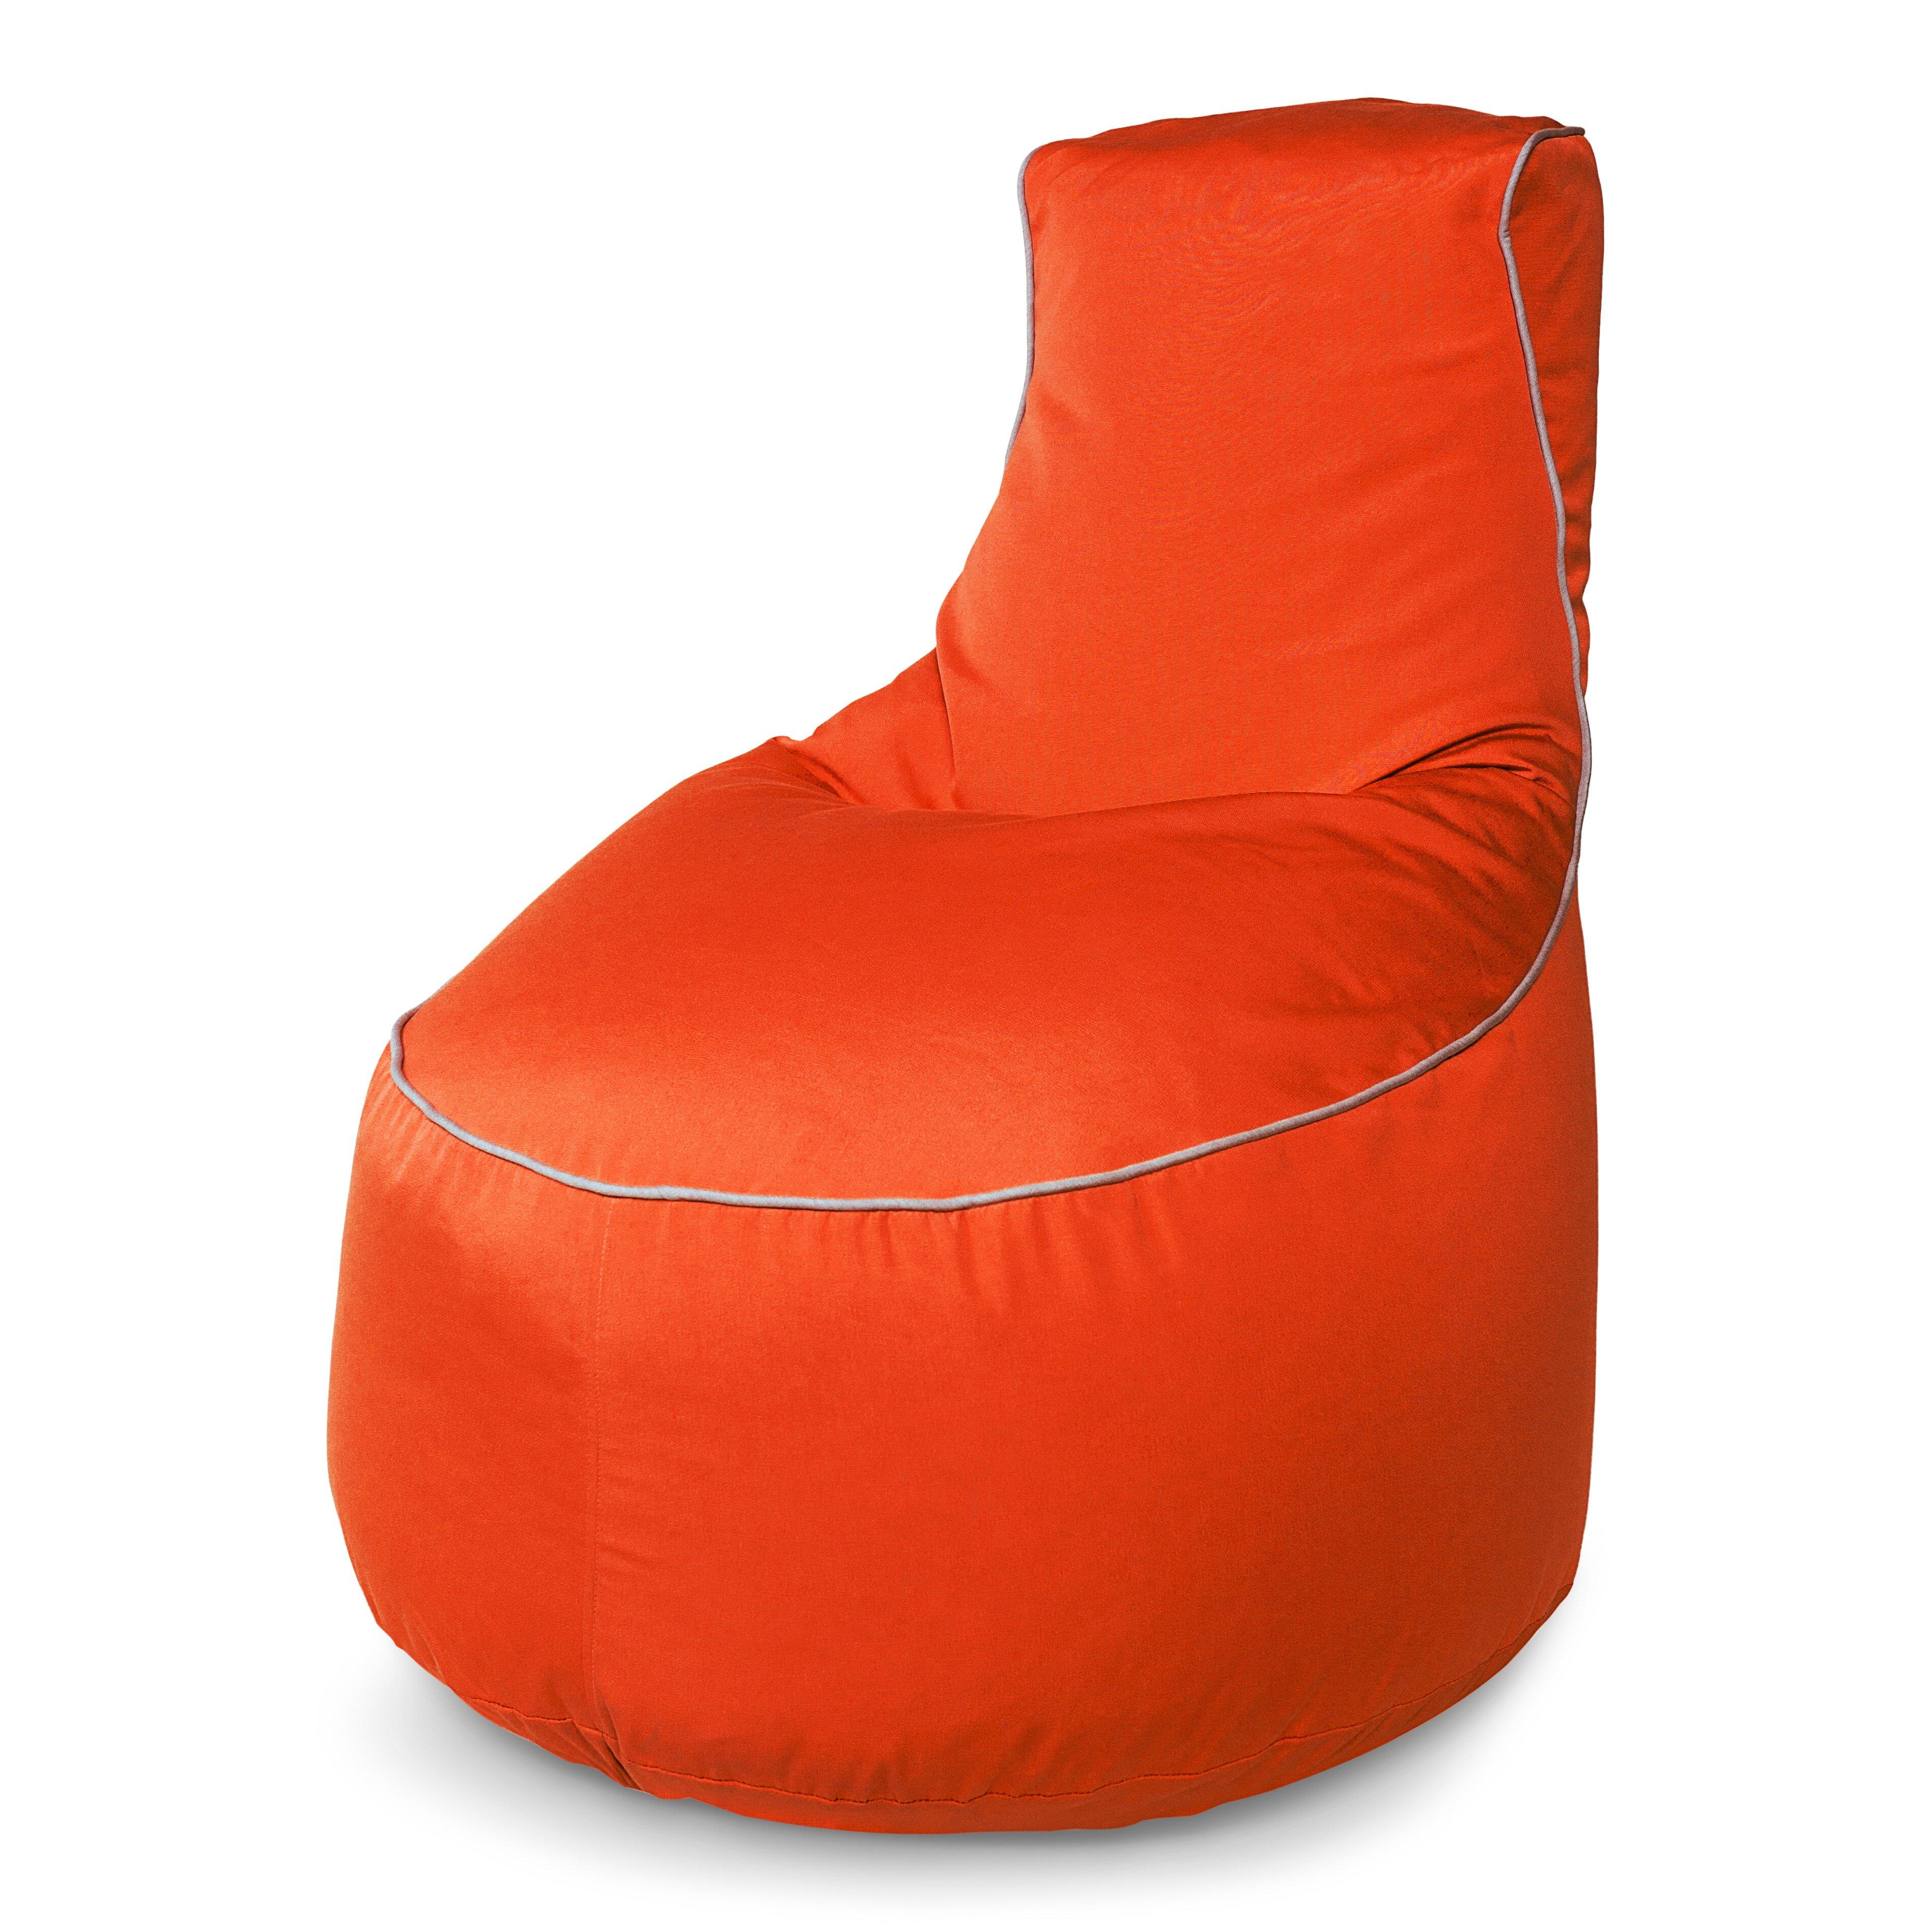 Giant Bean Bag Chair moreover 191701673890 further Cool Bean Bag Chair Fuzzy Purple Beanbag Chair Uc further Bean Bag Sofas And Chairs furthermore Big Joe Lumin Bean Bag Chair 2. on fuf bean bag